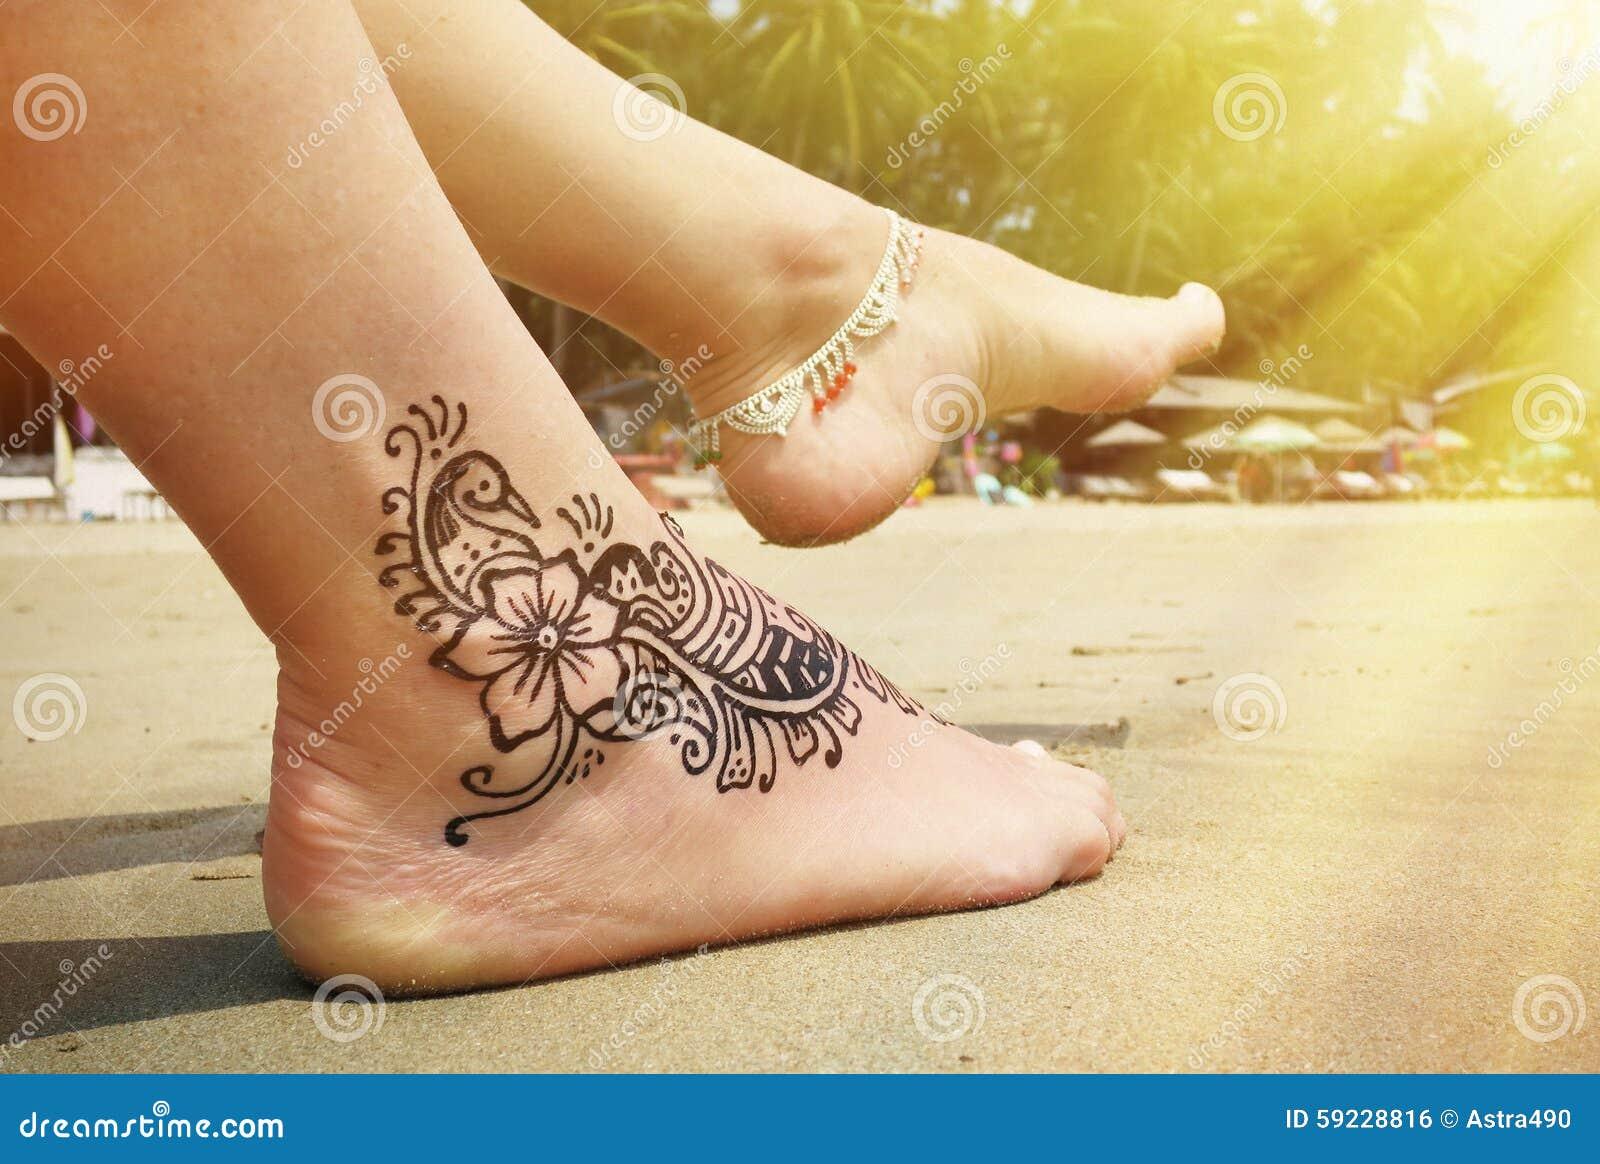 Henna Tatuaż Na Stopie Zdjęcie Stock Obraz Złożonej Z